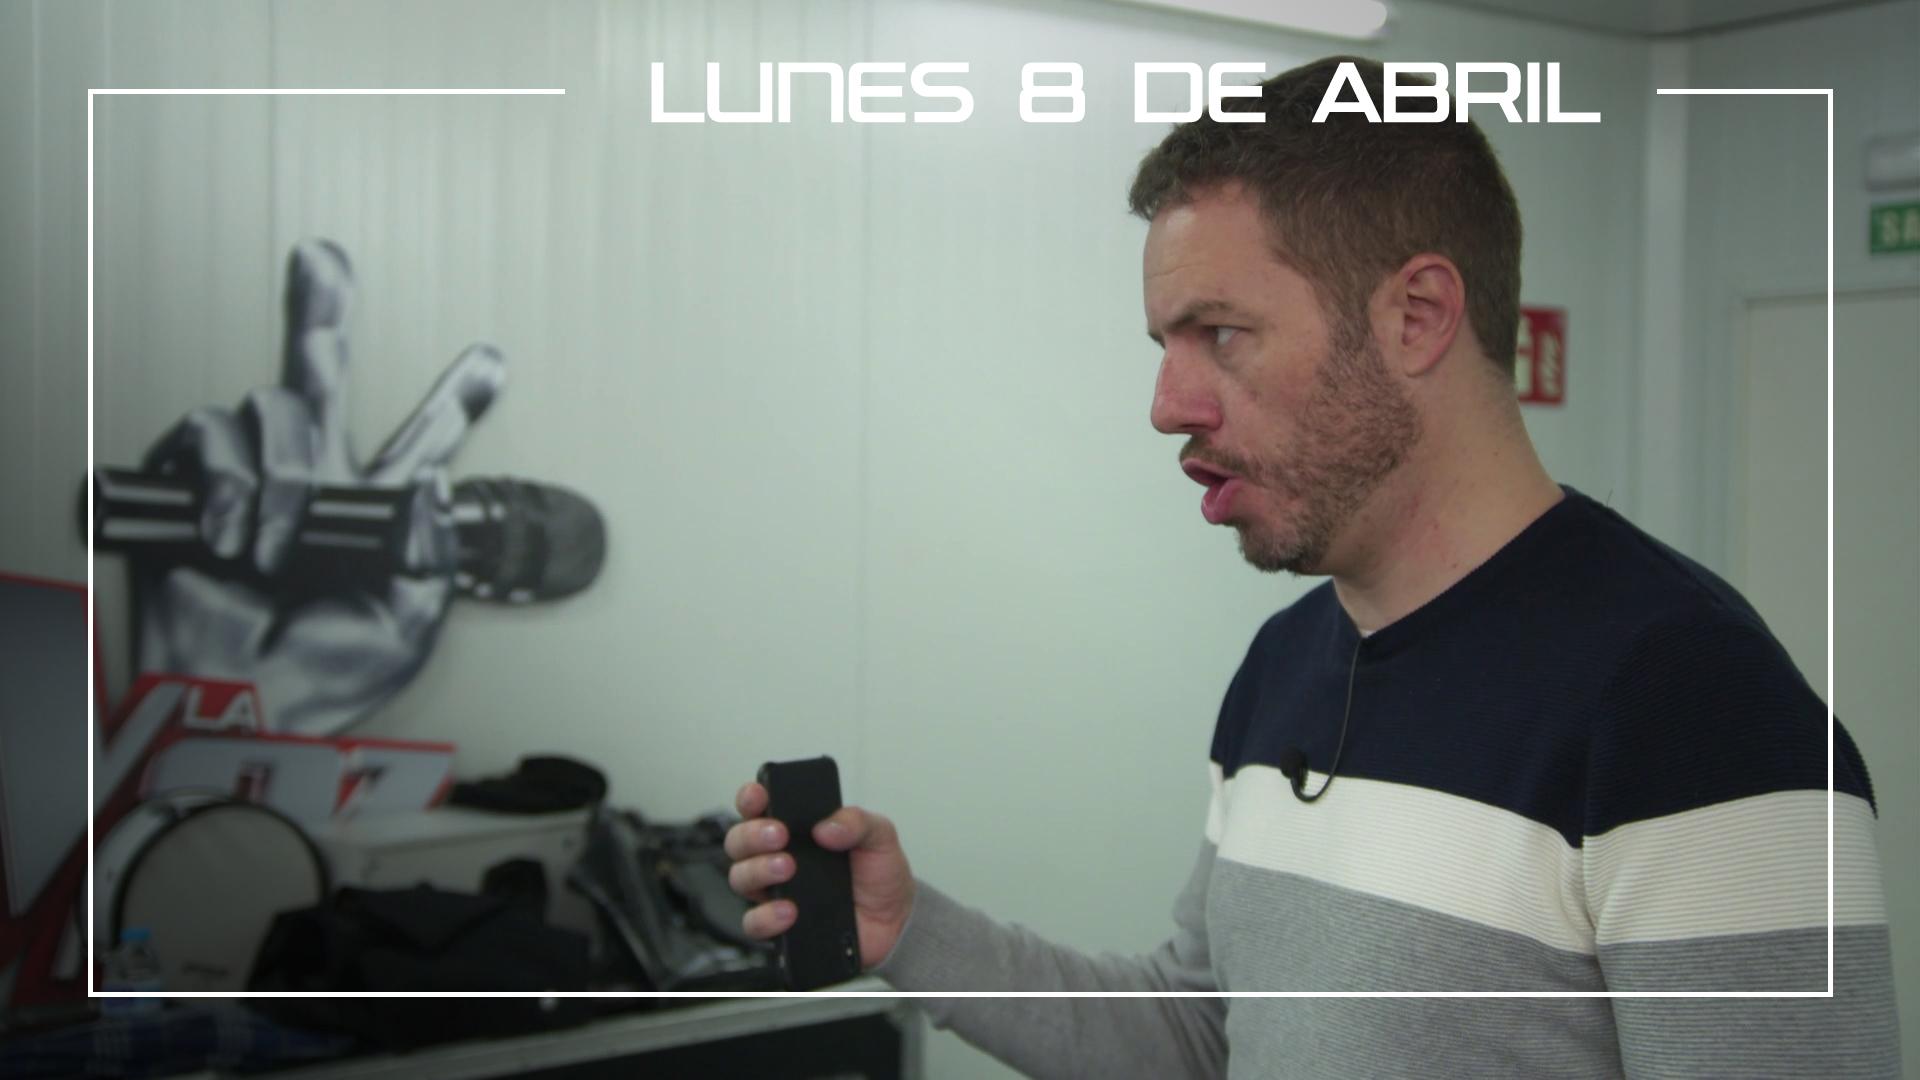 Lunes 8 de abril Ángel Cortés ensaya la canción 'Besos a la lona' de Melendi